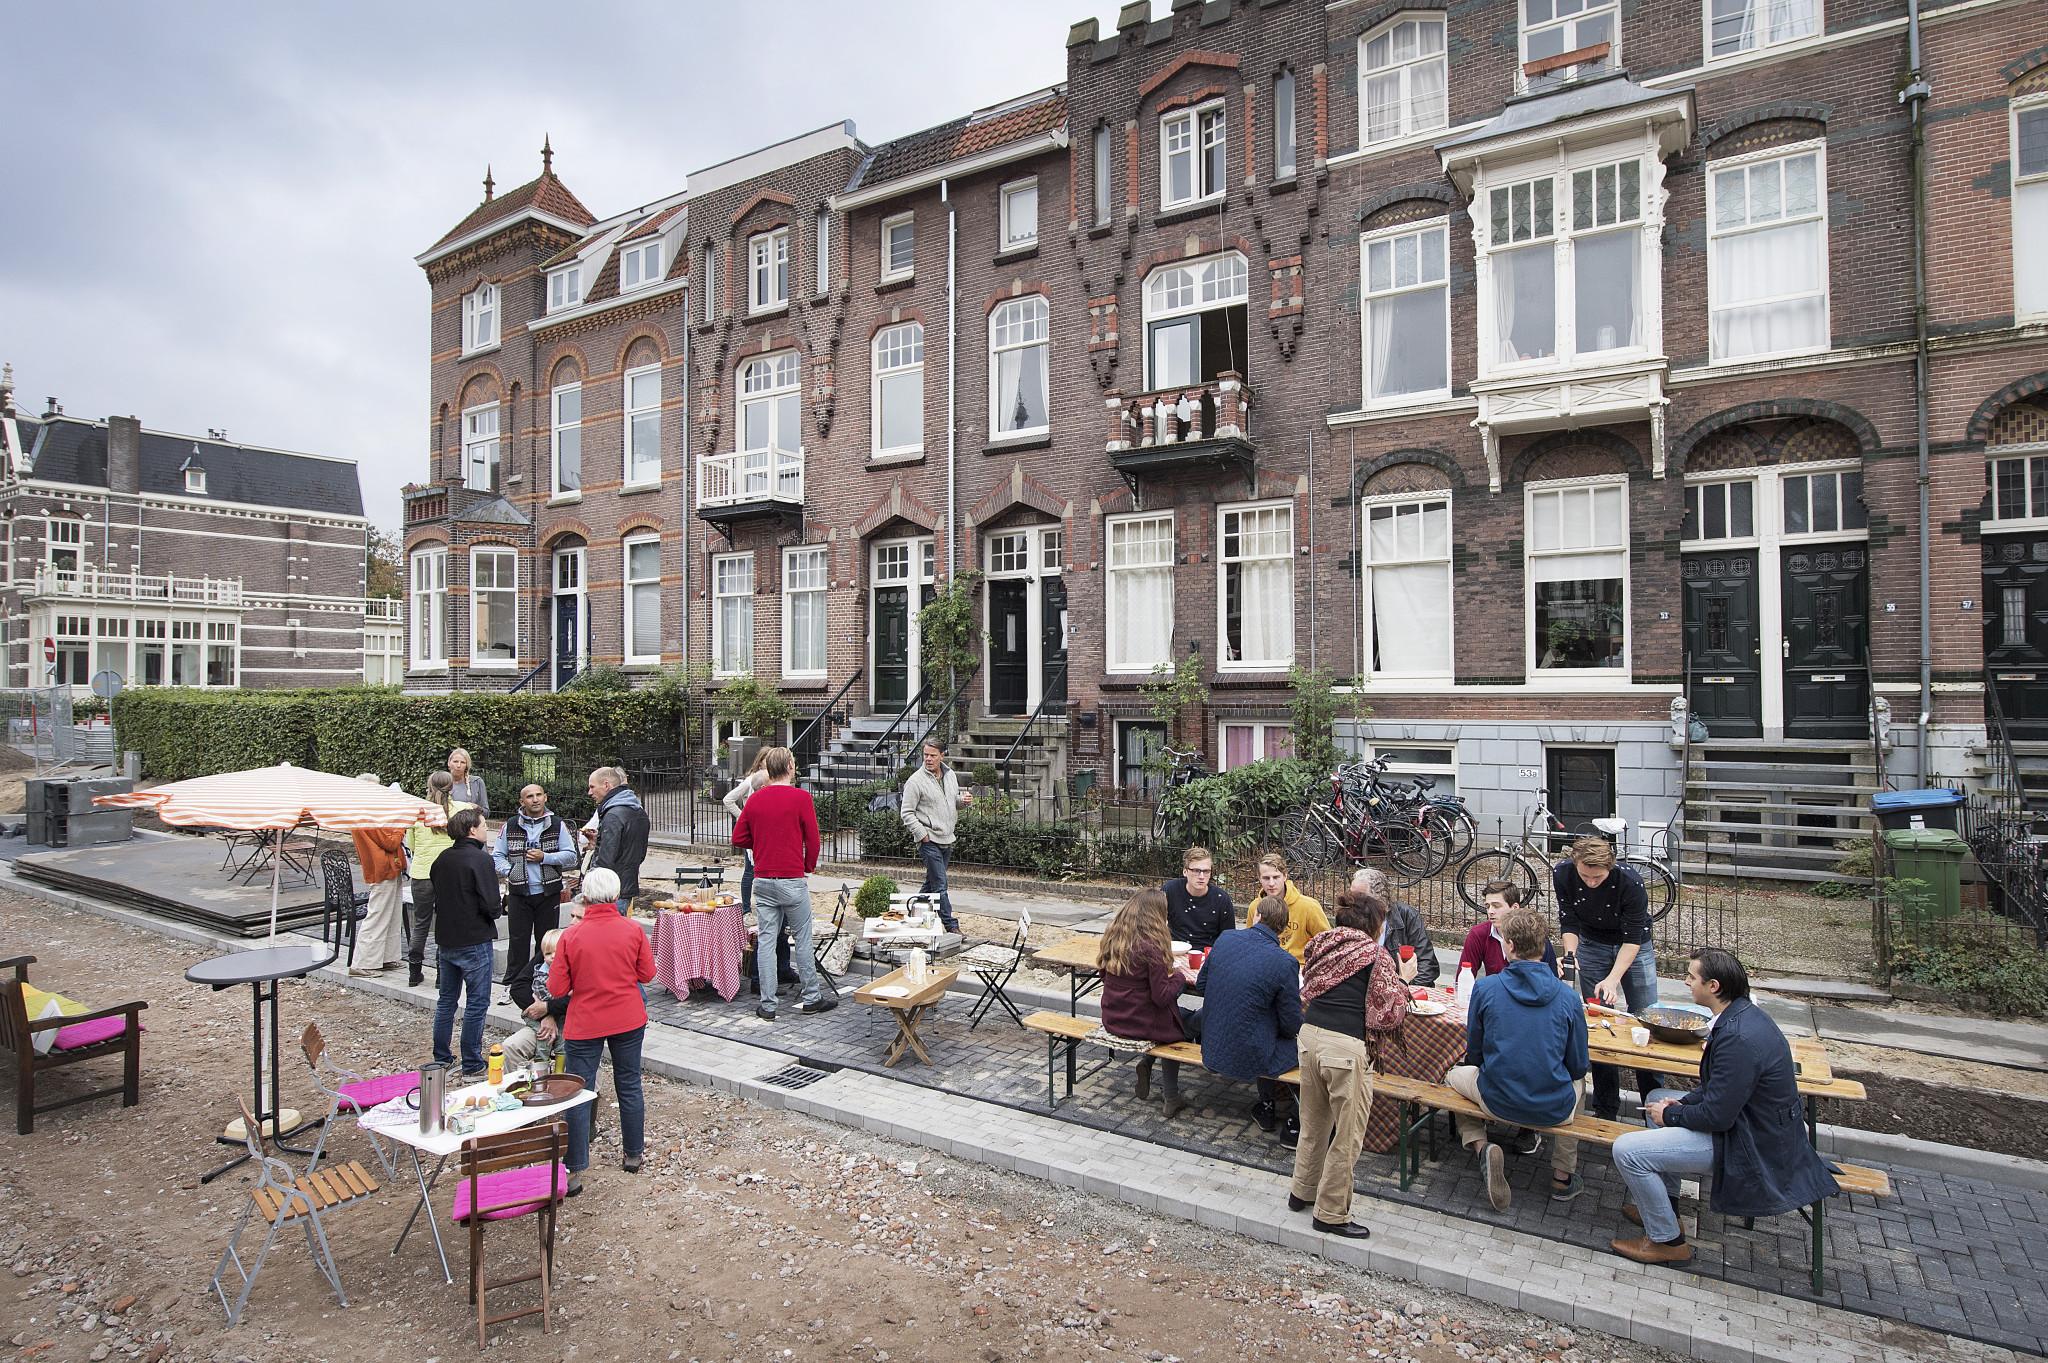 Buurtontbijt in de Van Oldenbarneveltstraat. Foto: Bert Beelen